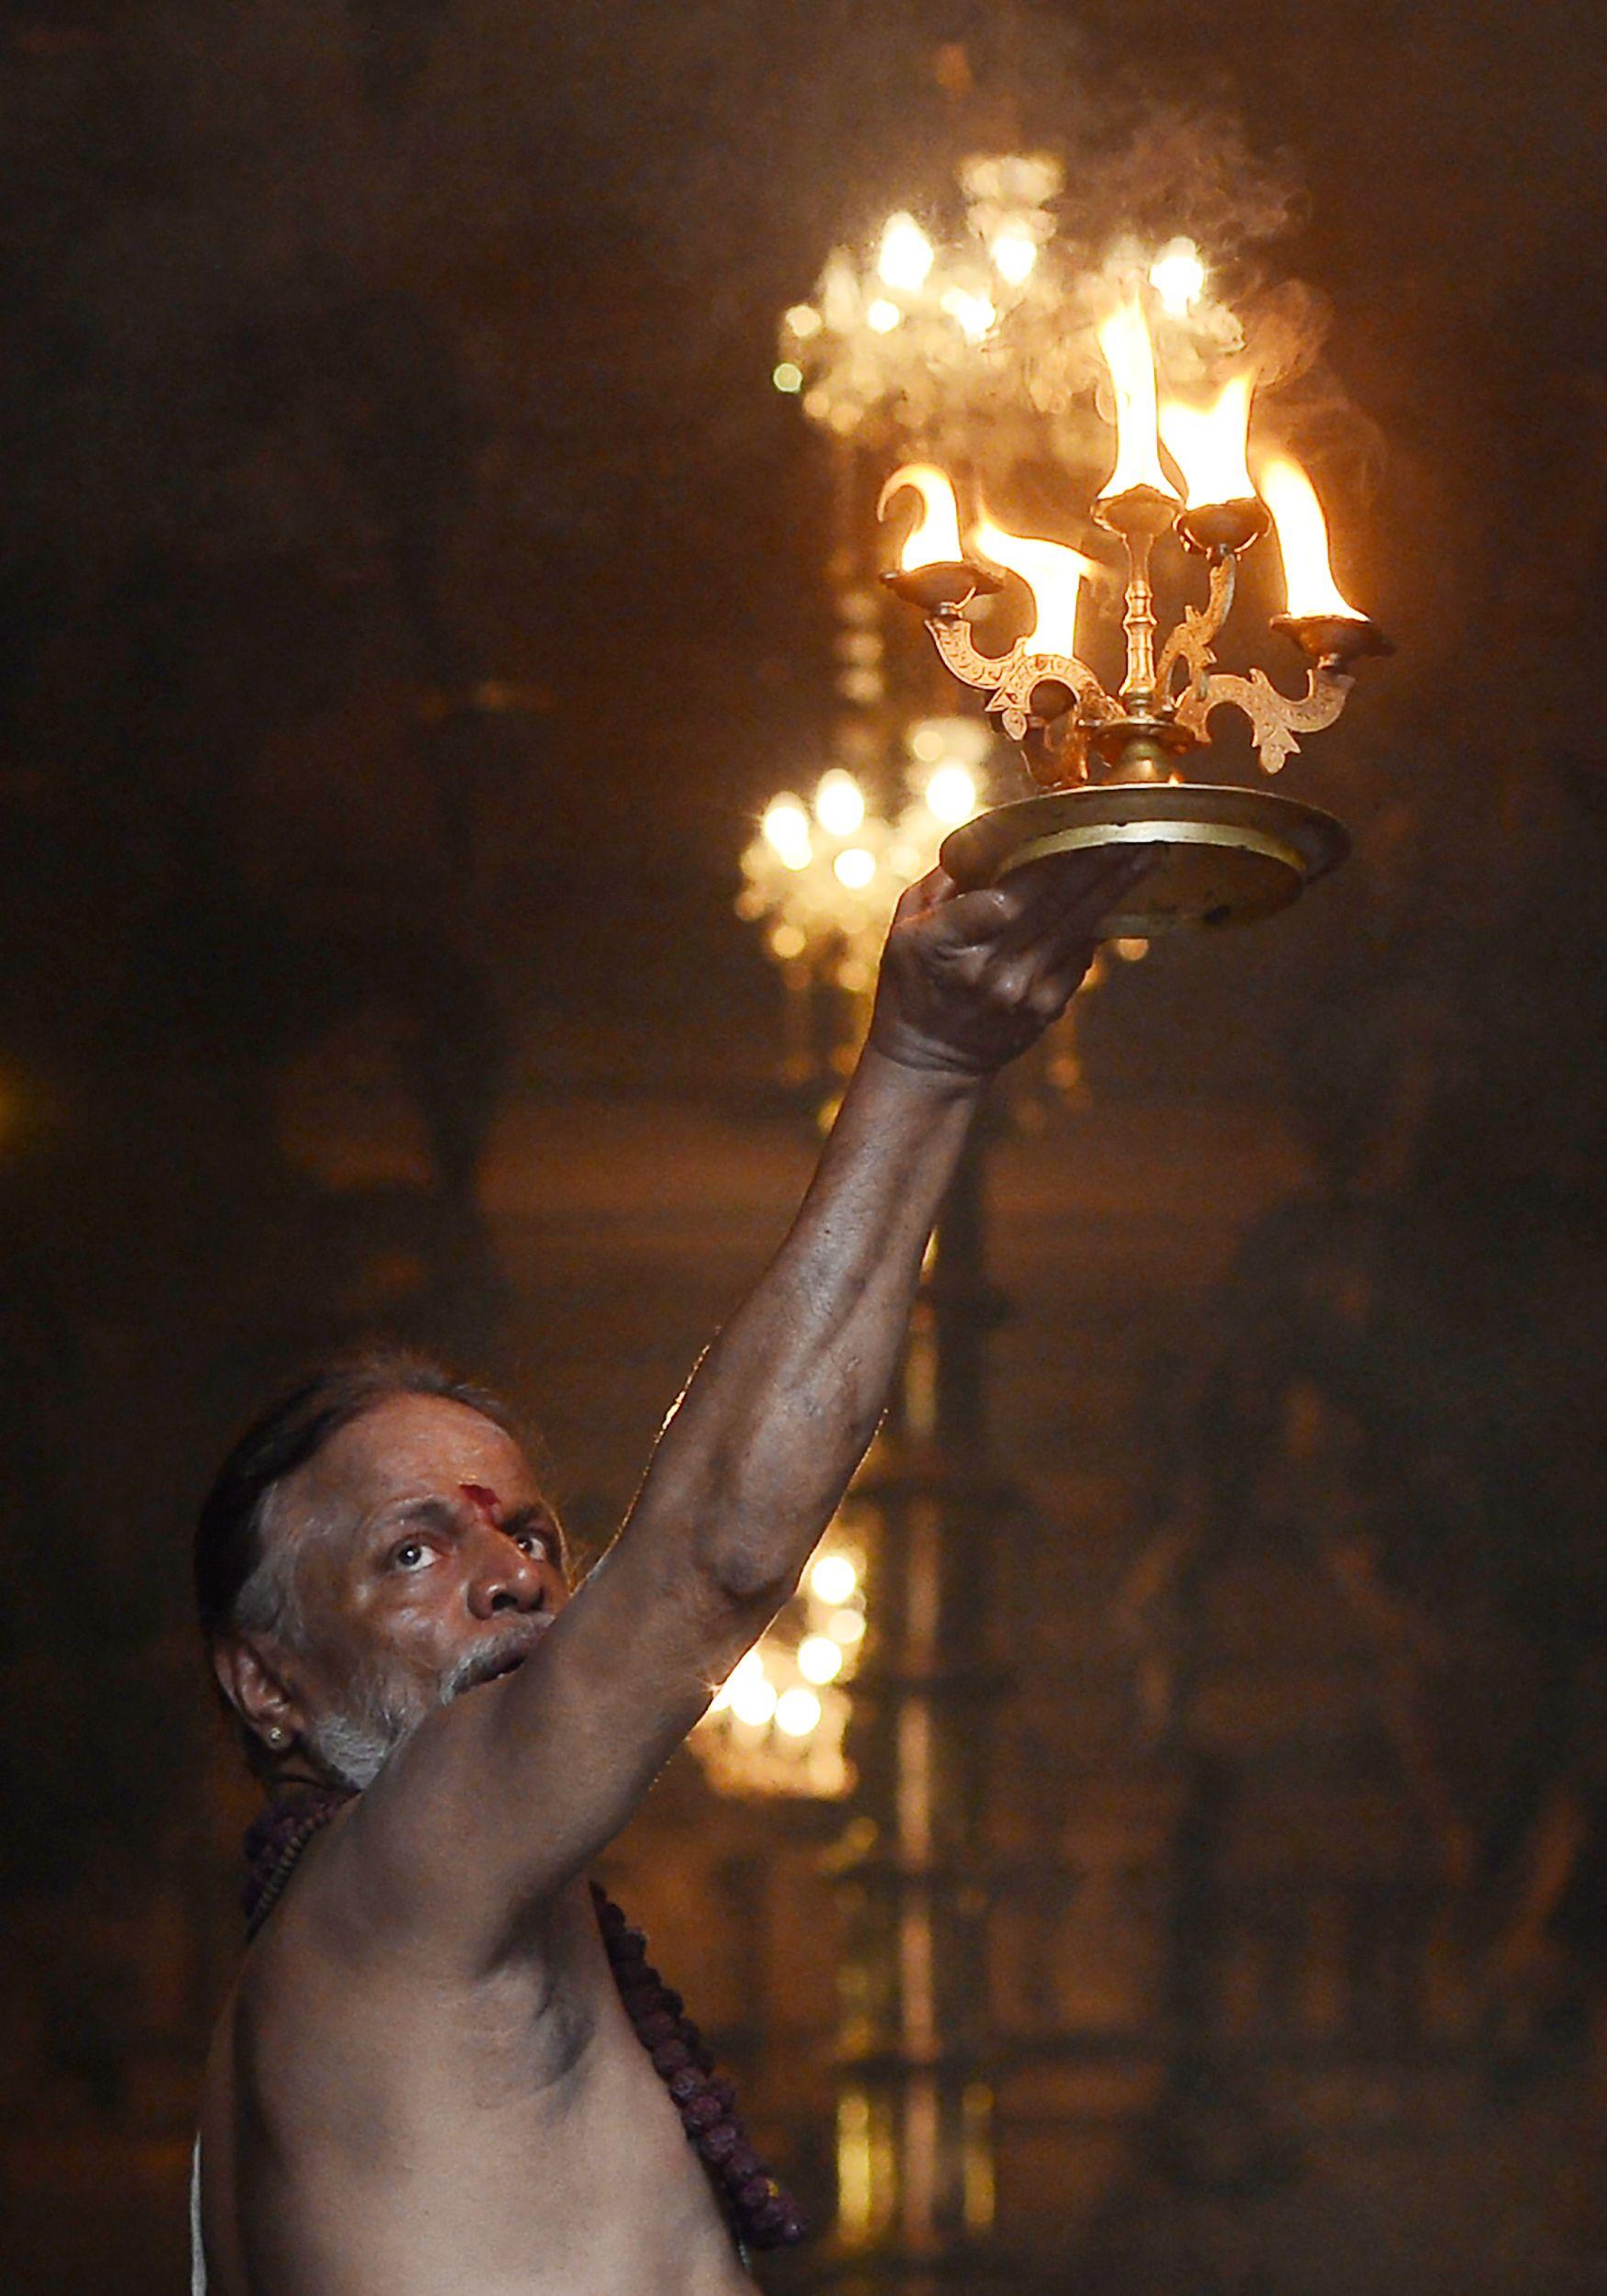 إضاءة المشاعل فى سريلانكا احتفالات بمهرجان البونجال